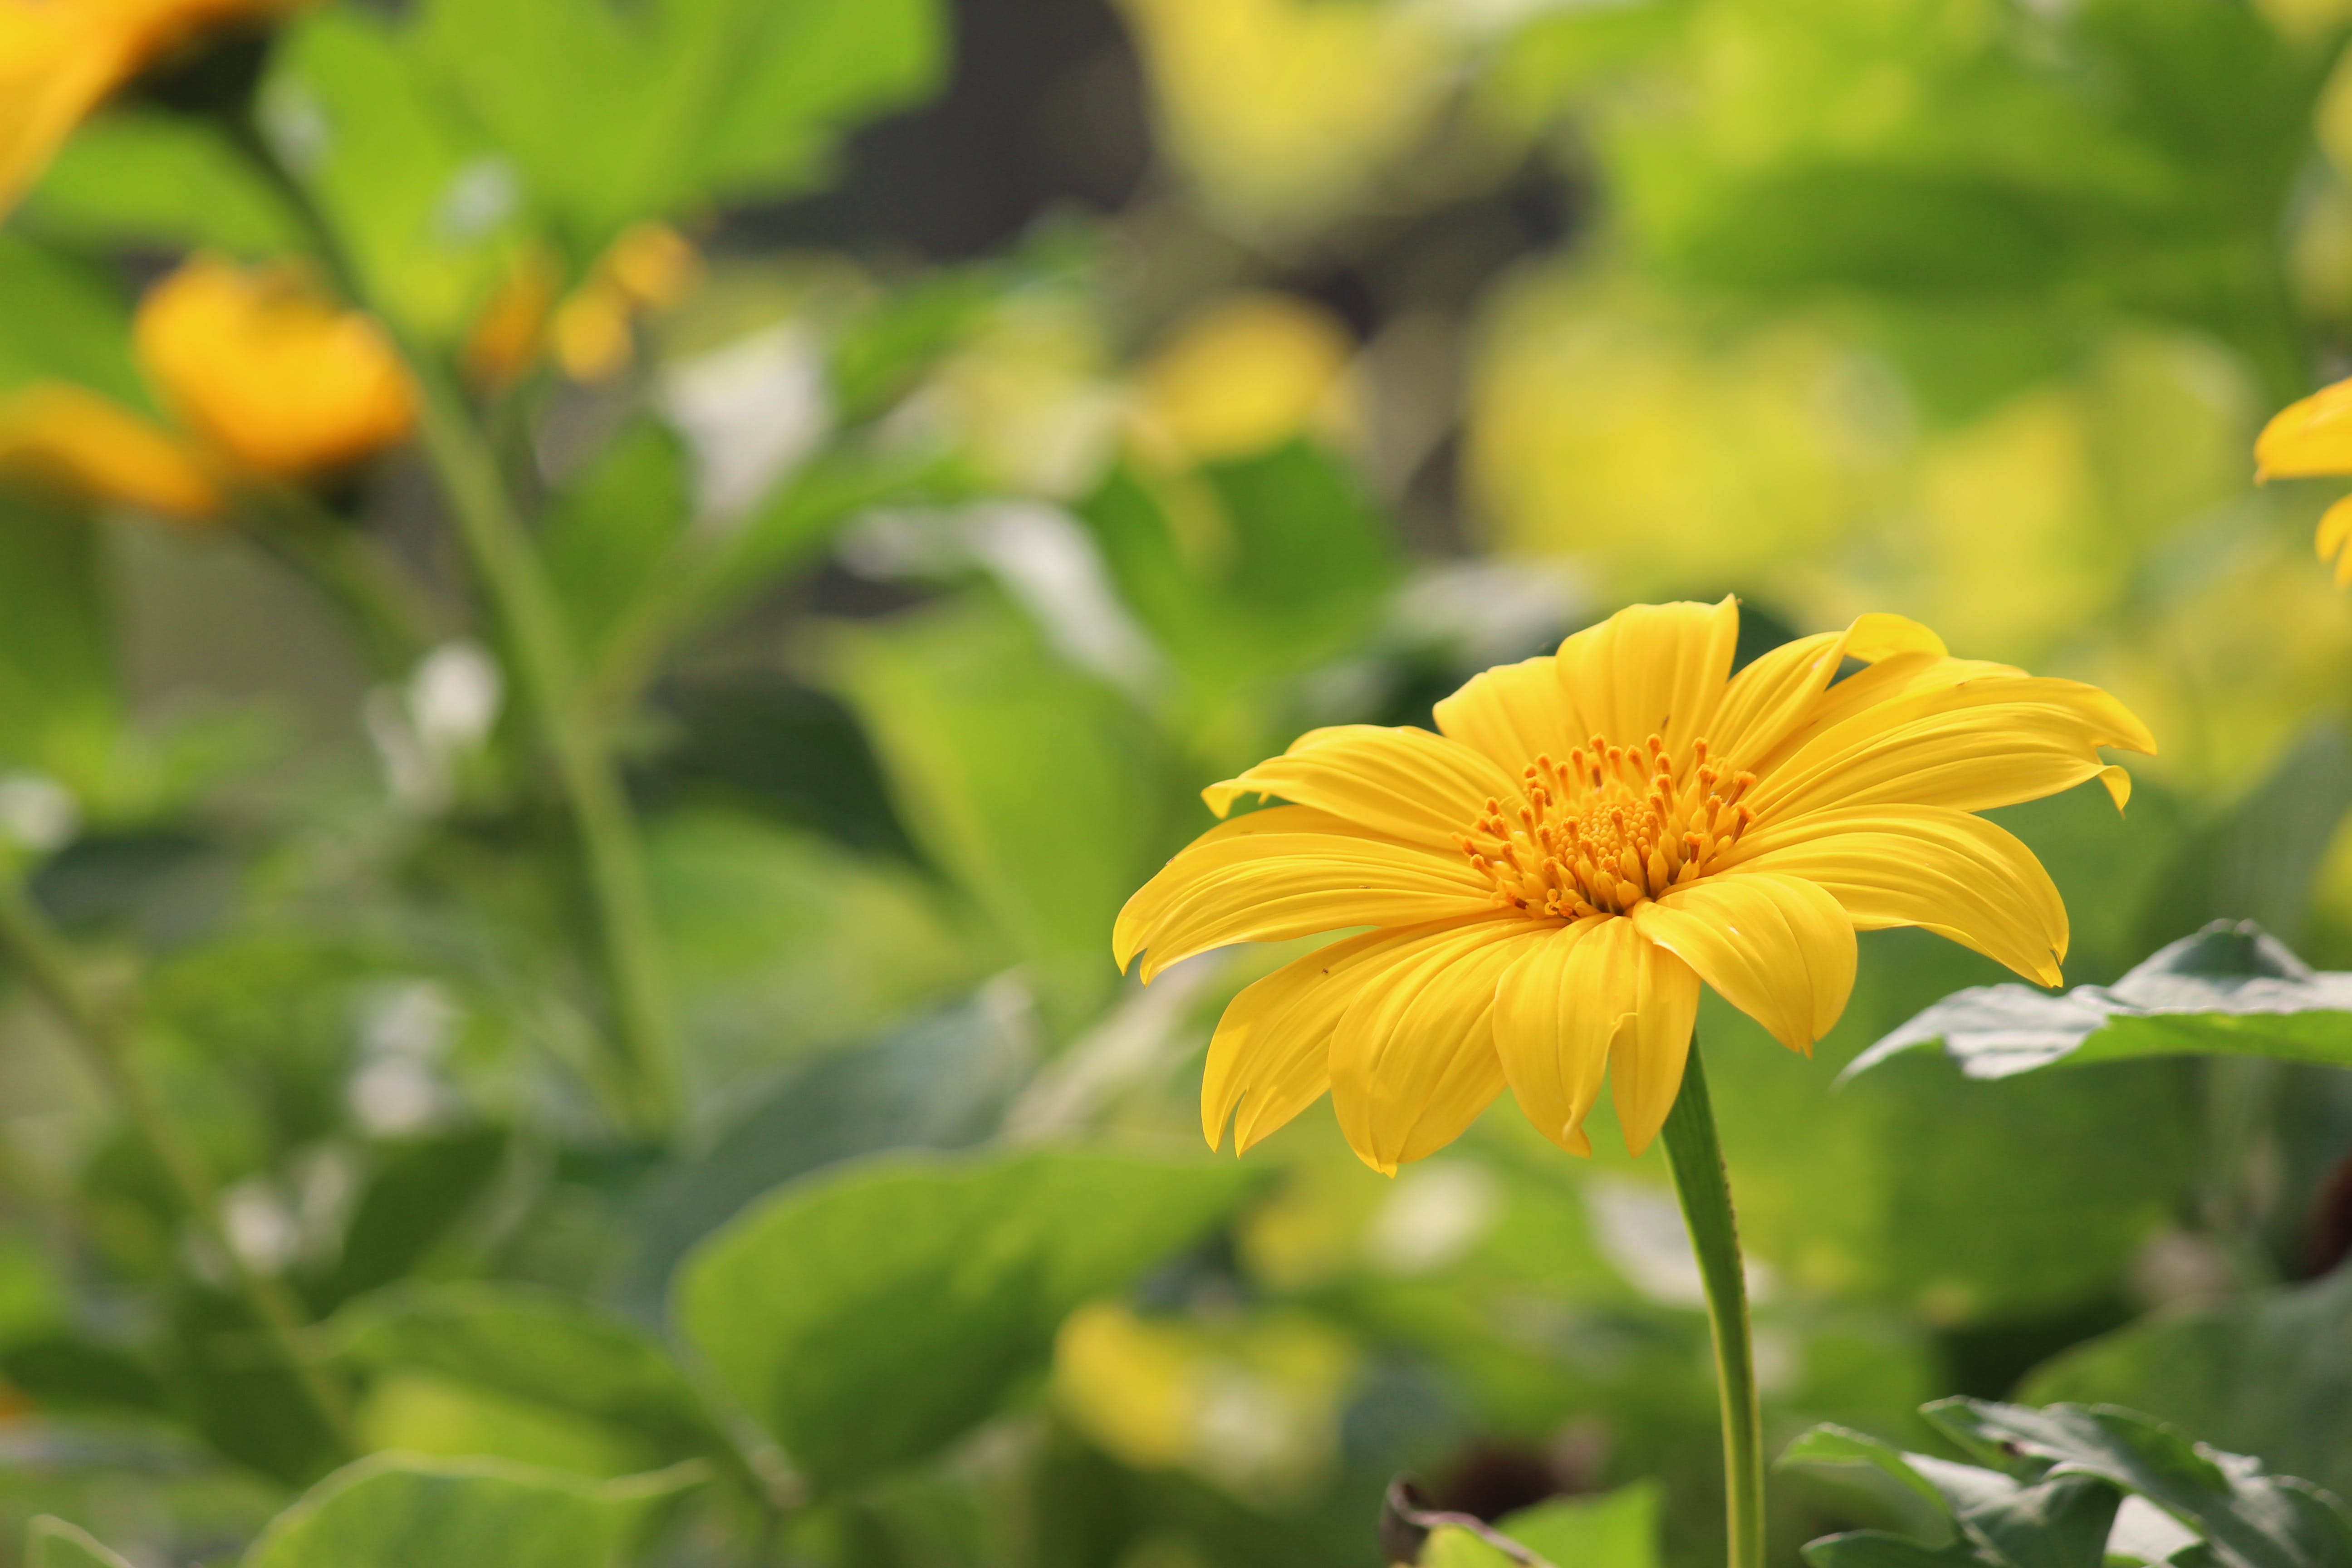 Gratis lagerfoto af # solsikke # photo # fotografier # fotografering, #natur, 4k-baggrund, Canon